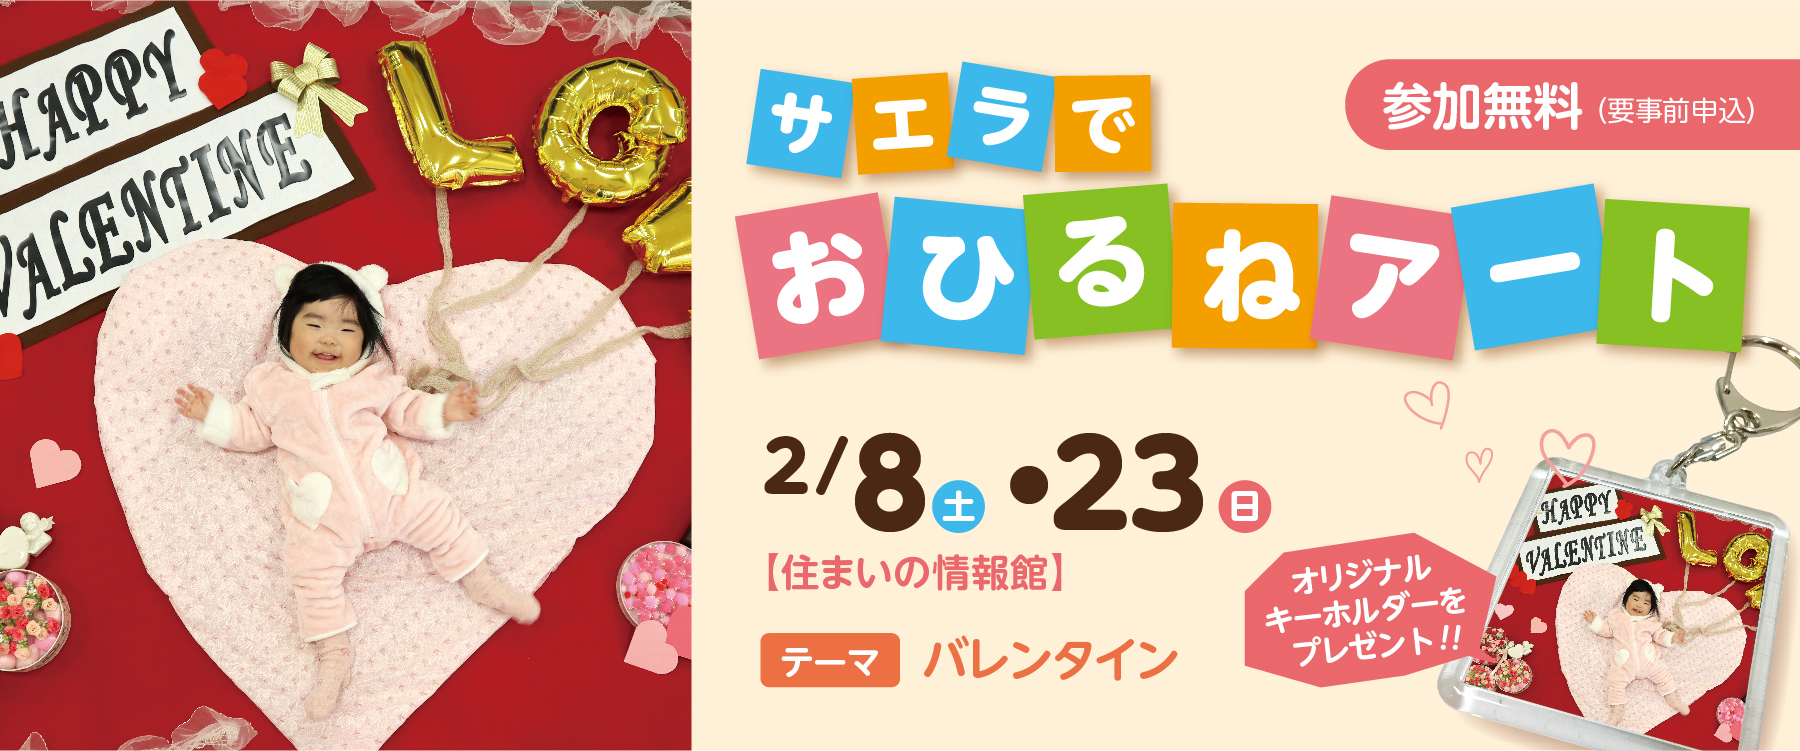 画像:2月8日(土)・23日(日)サエラ赤ちゃんおひるねアート